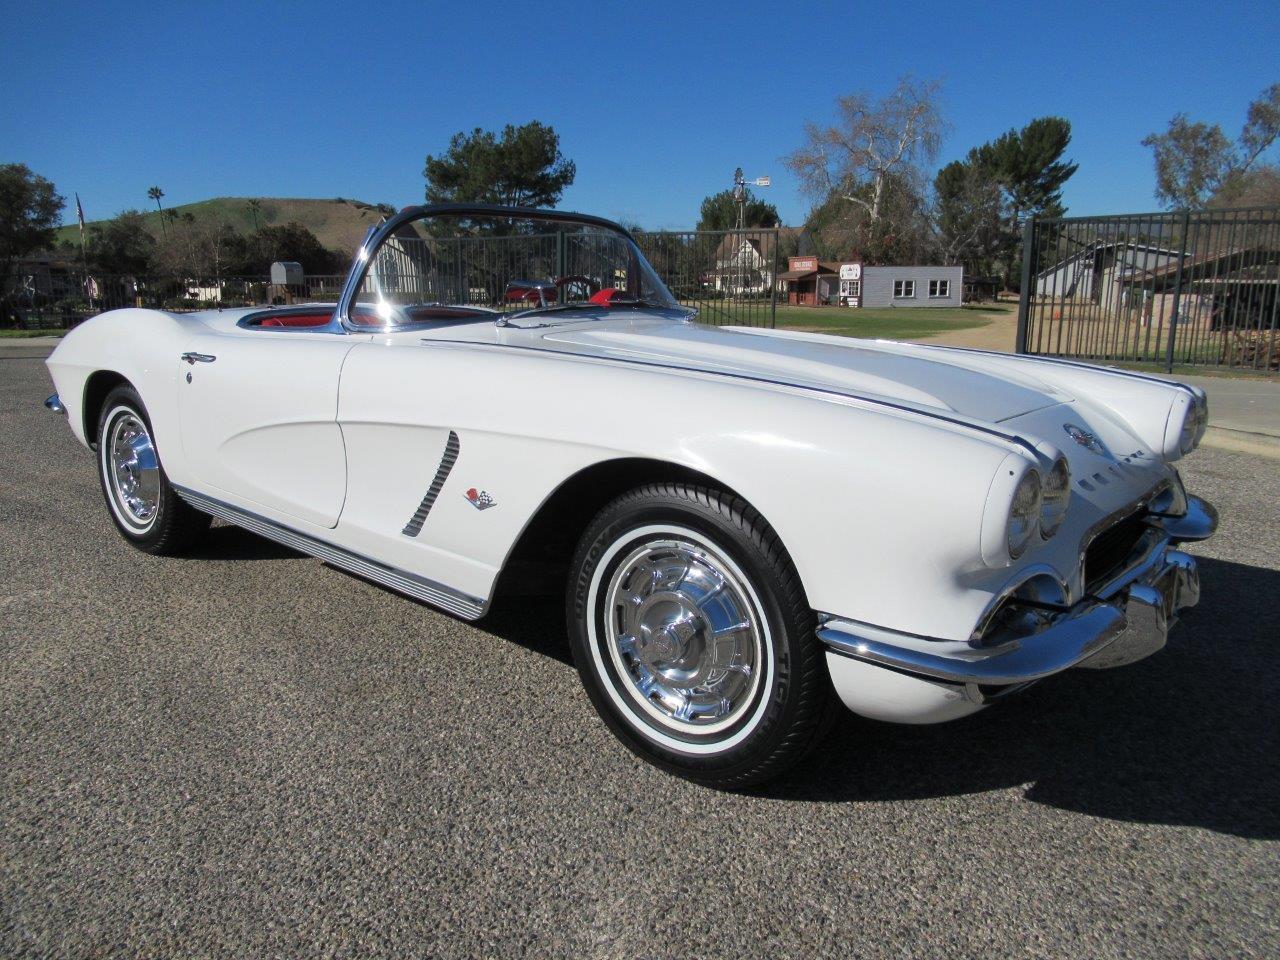 1962 Chevrolet Corvette (CC-1315848) for sale in SIMI VALLEY, California